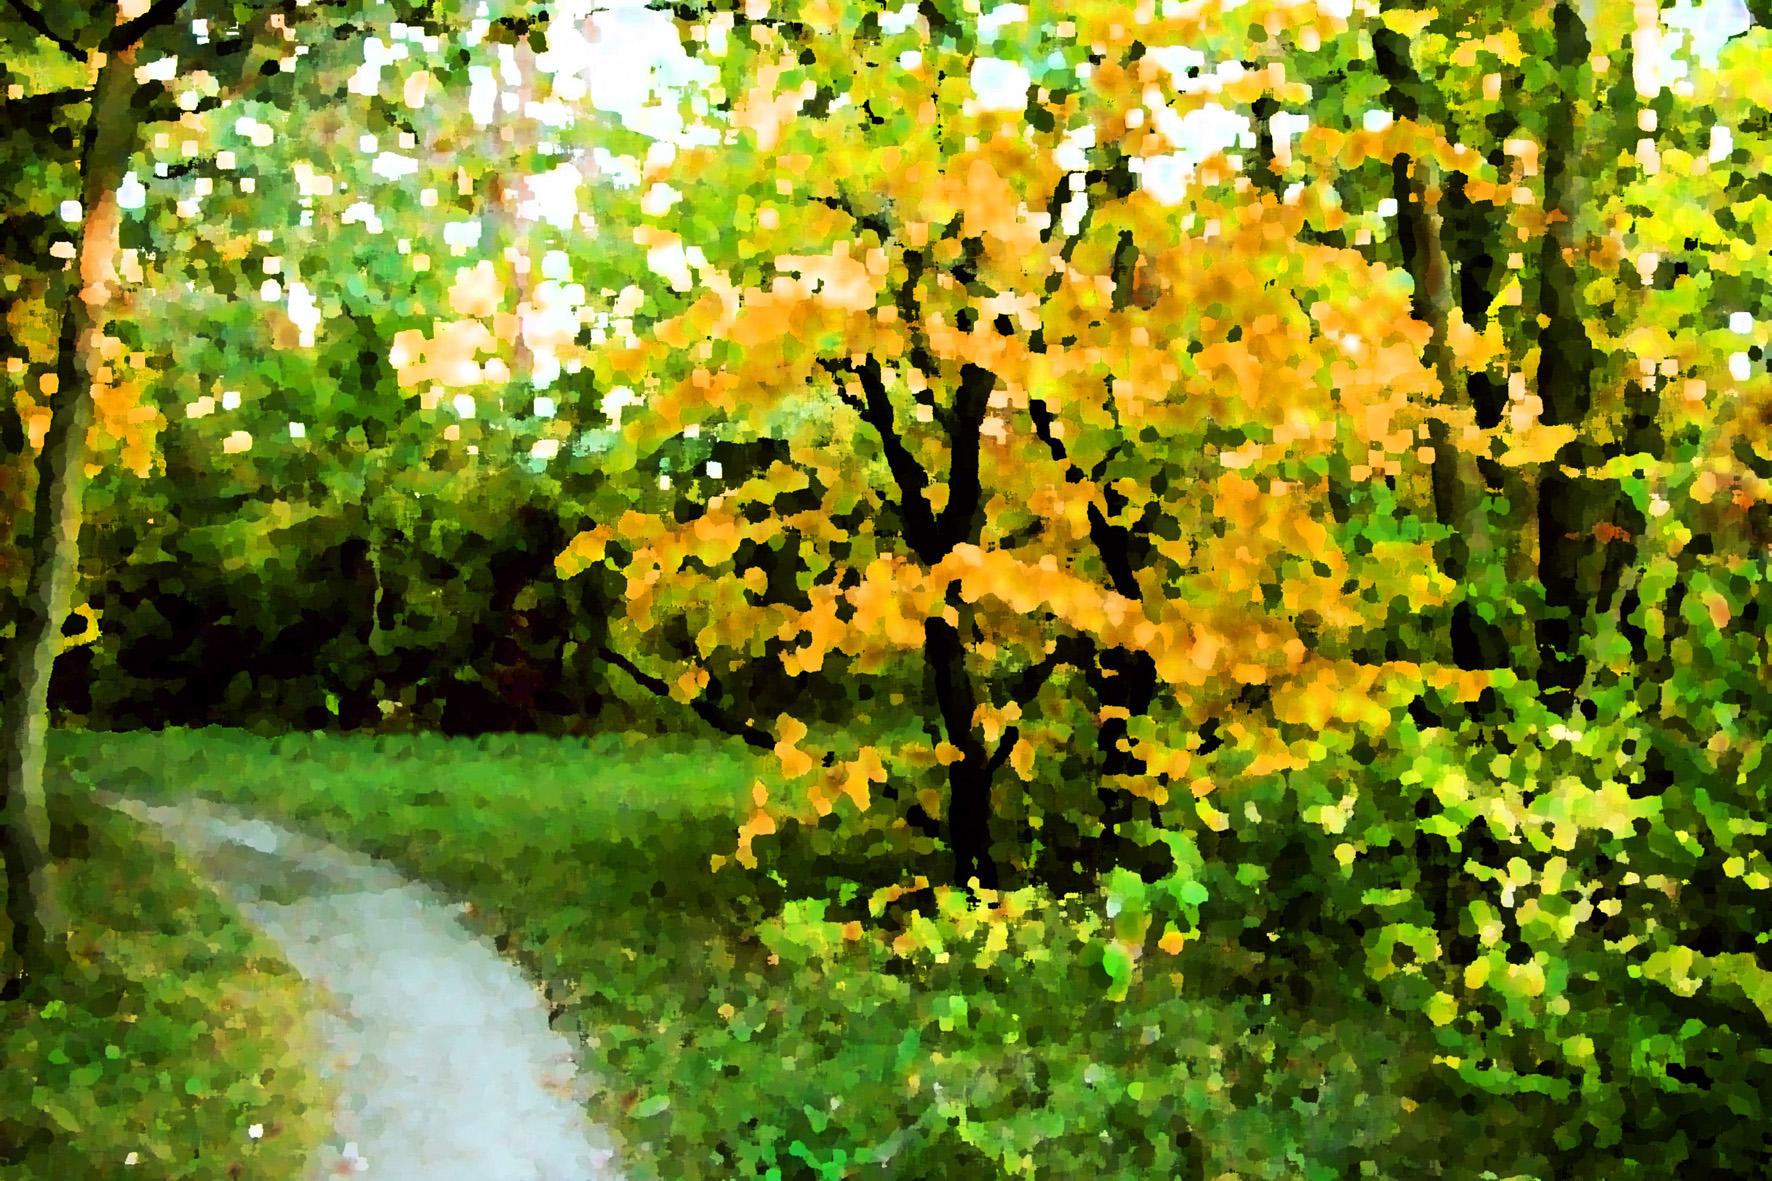 осень, листва, деревья, кусты, обои для рабочего стола, лес